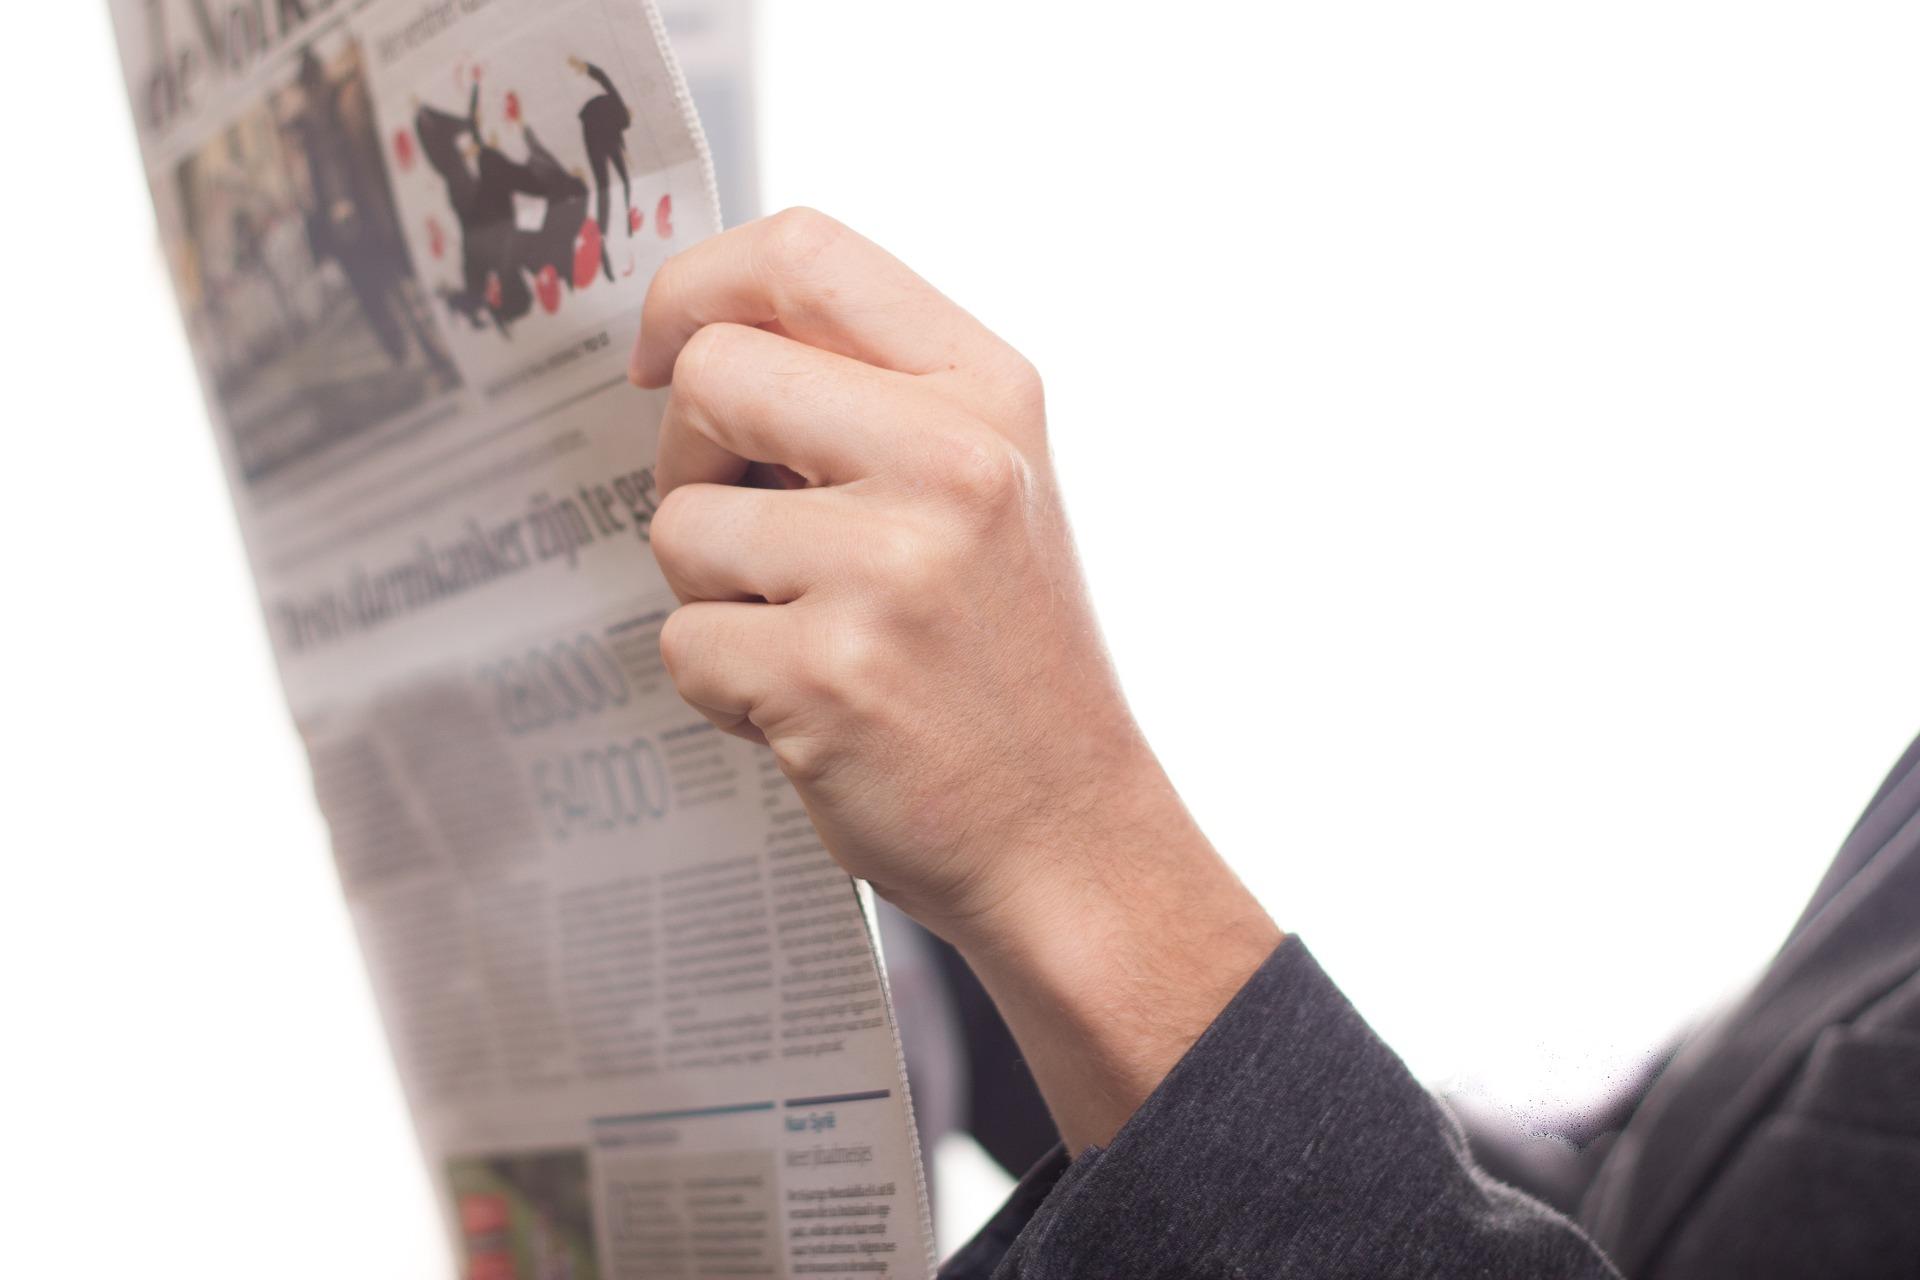 newspaper-1075795_1920.jpg